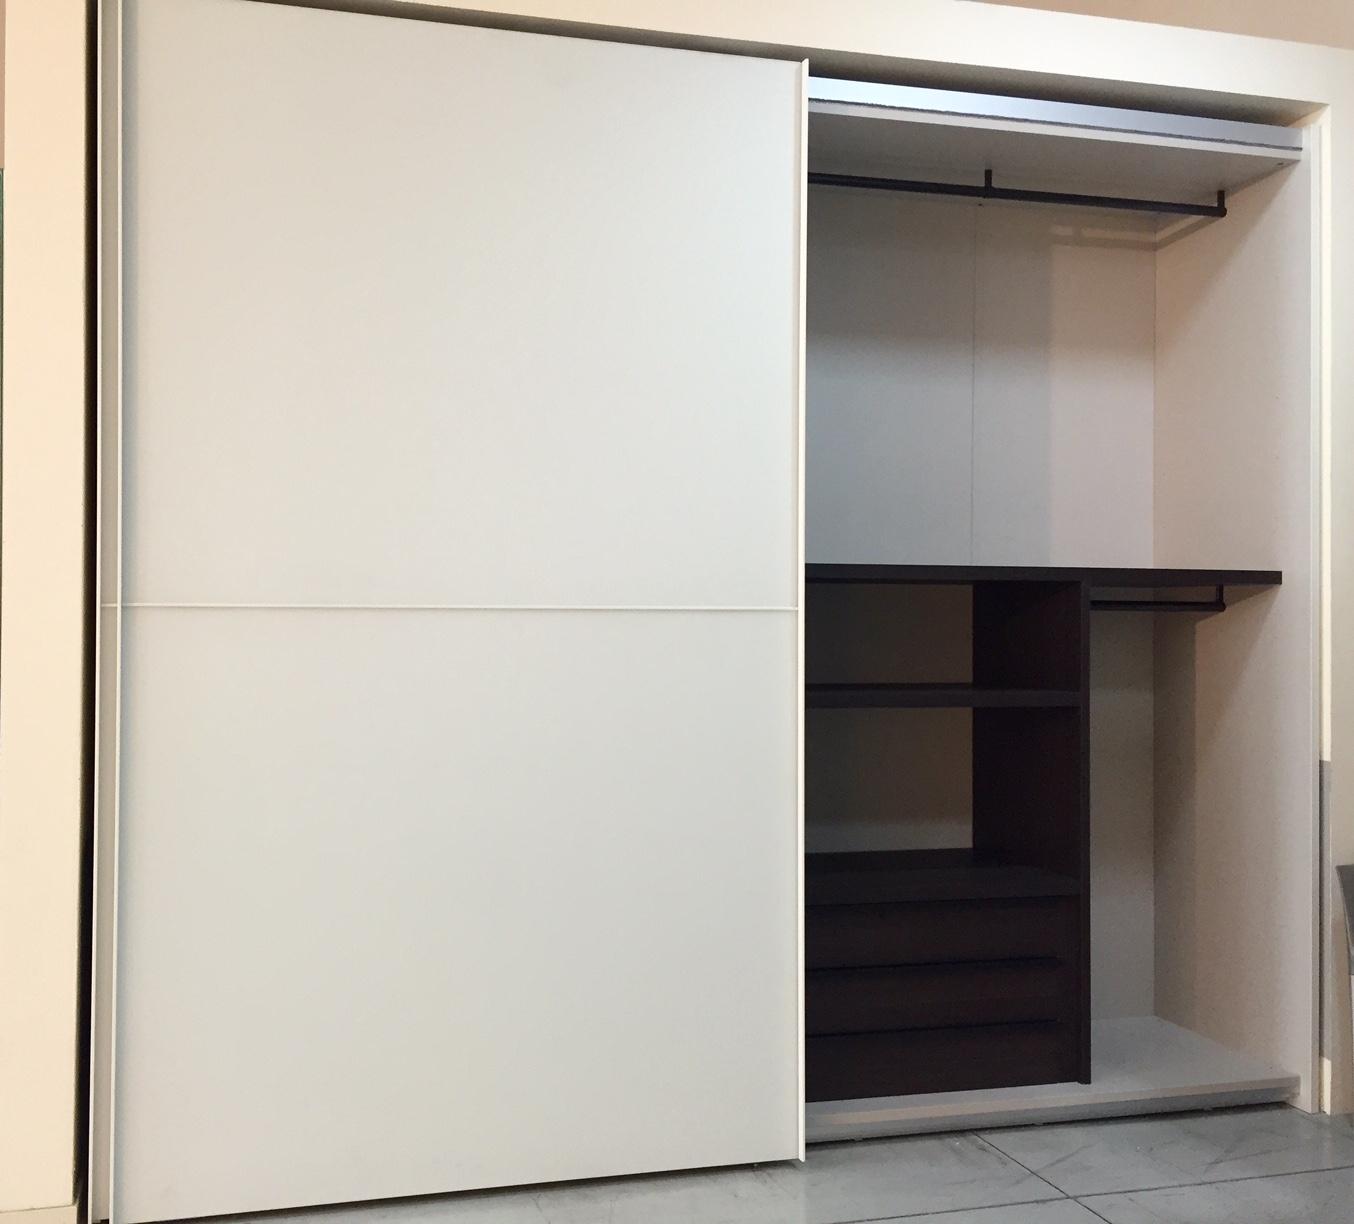 Porta scorrevole bricoman gallery of porte scorrevoli for Bricoman porte a soffietto